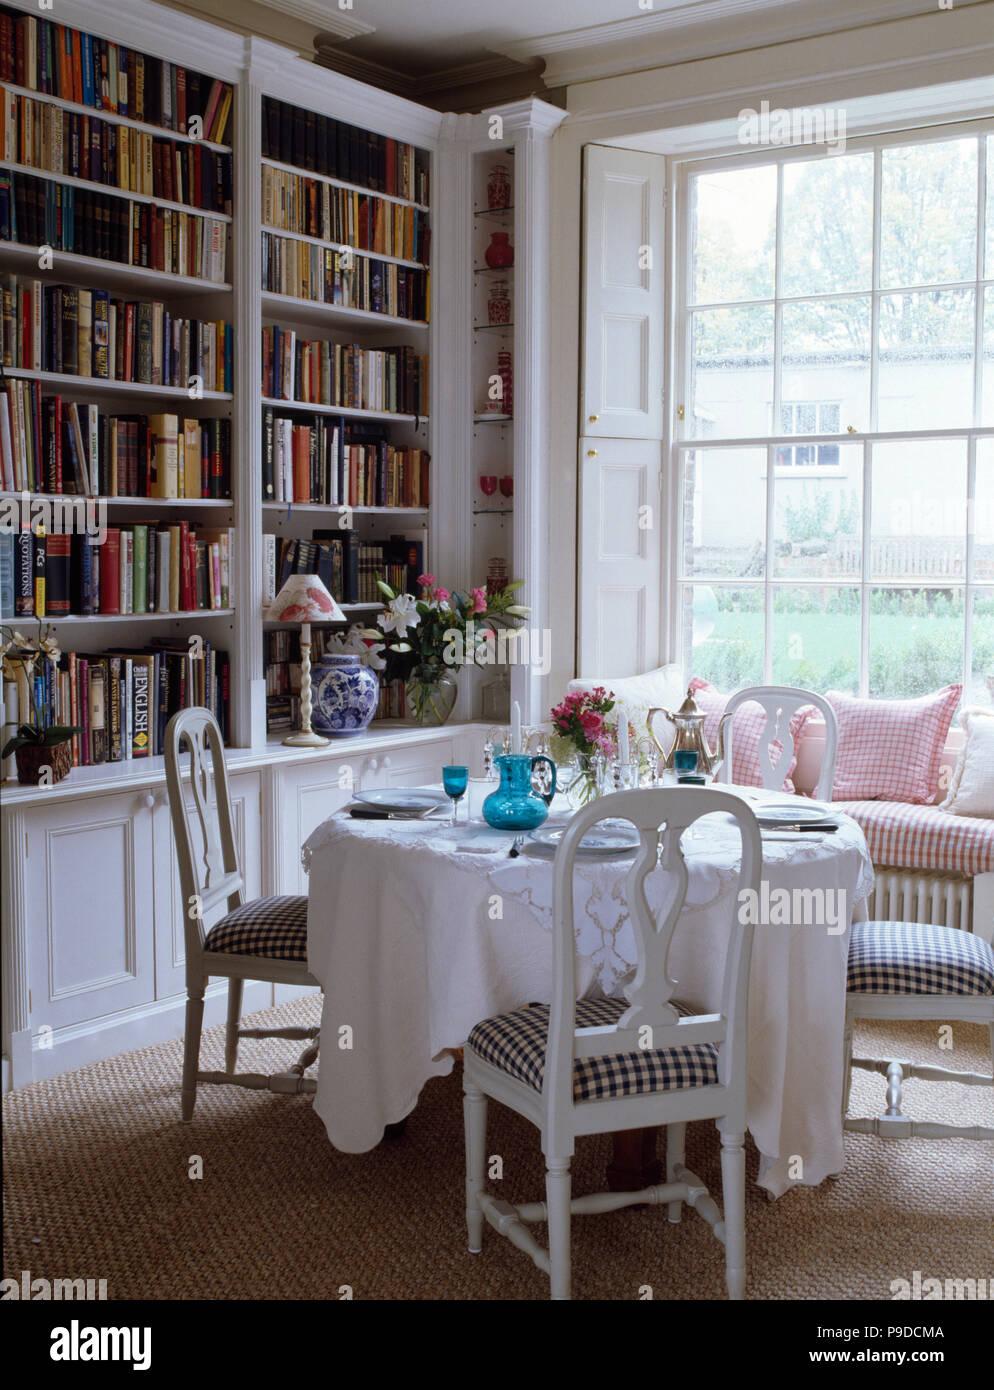 Chaises Peintes Avec Les Sièges En Tissu Blanc Avec Table Pour Déjeuner  Ensemble En Pays Salle à Manger Avec Bibliothèque équipé